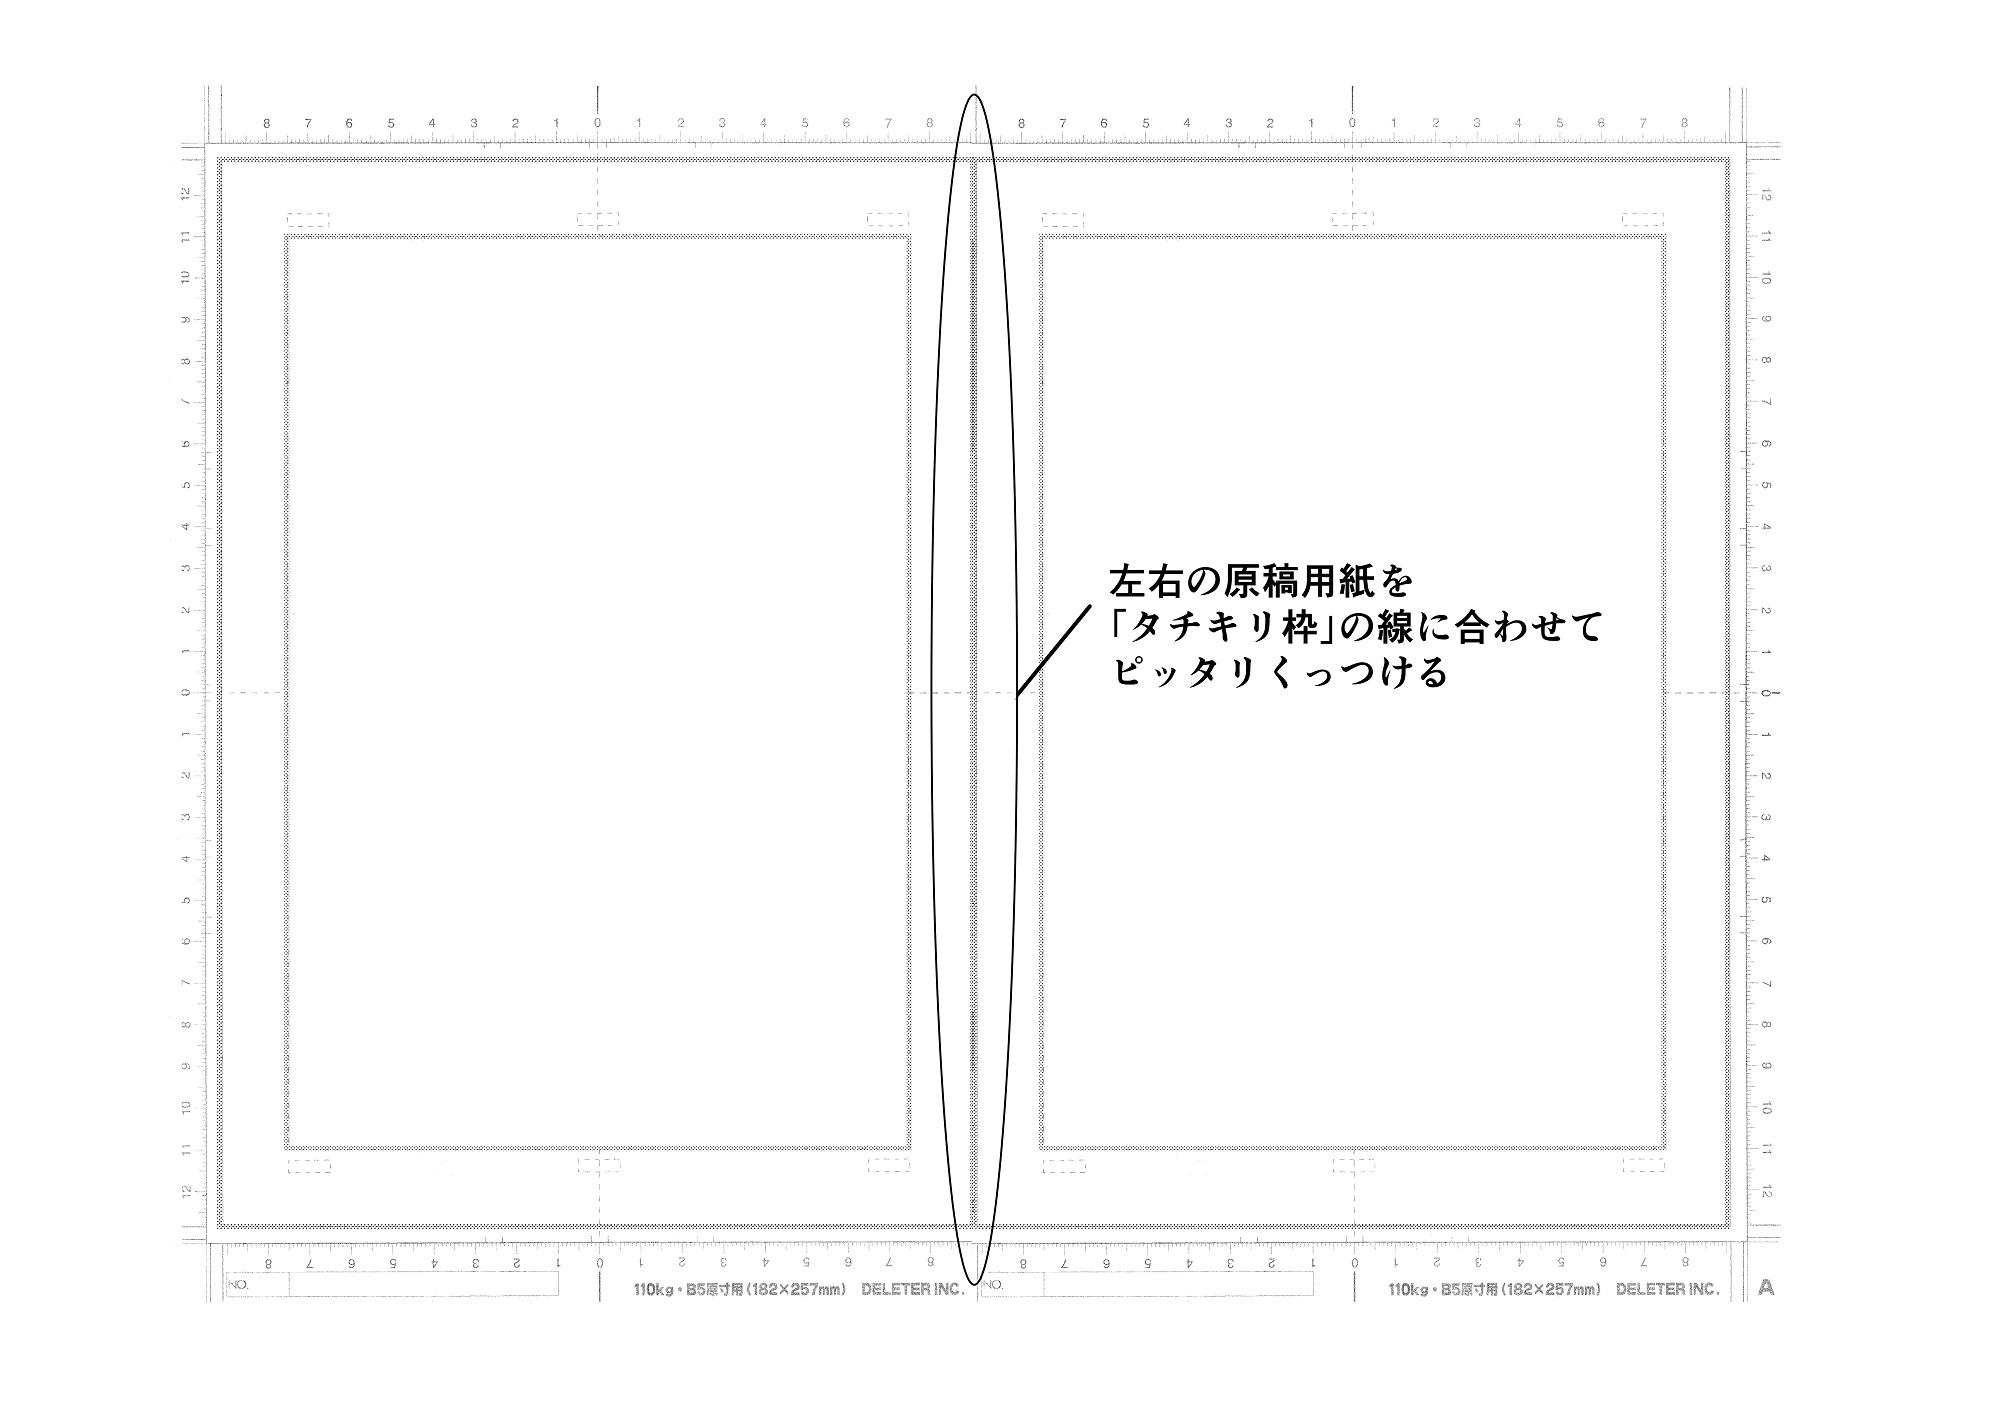 左右のページをタチキリ枠で繋げる